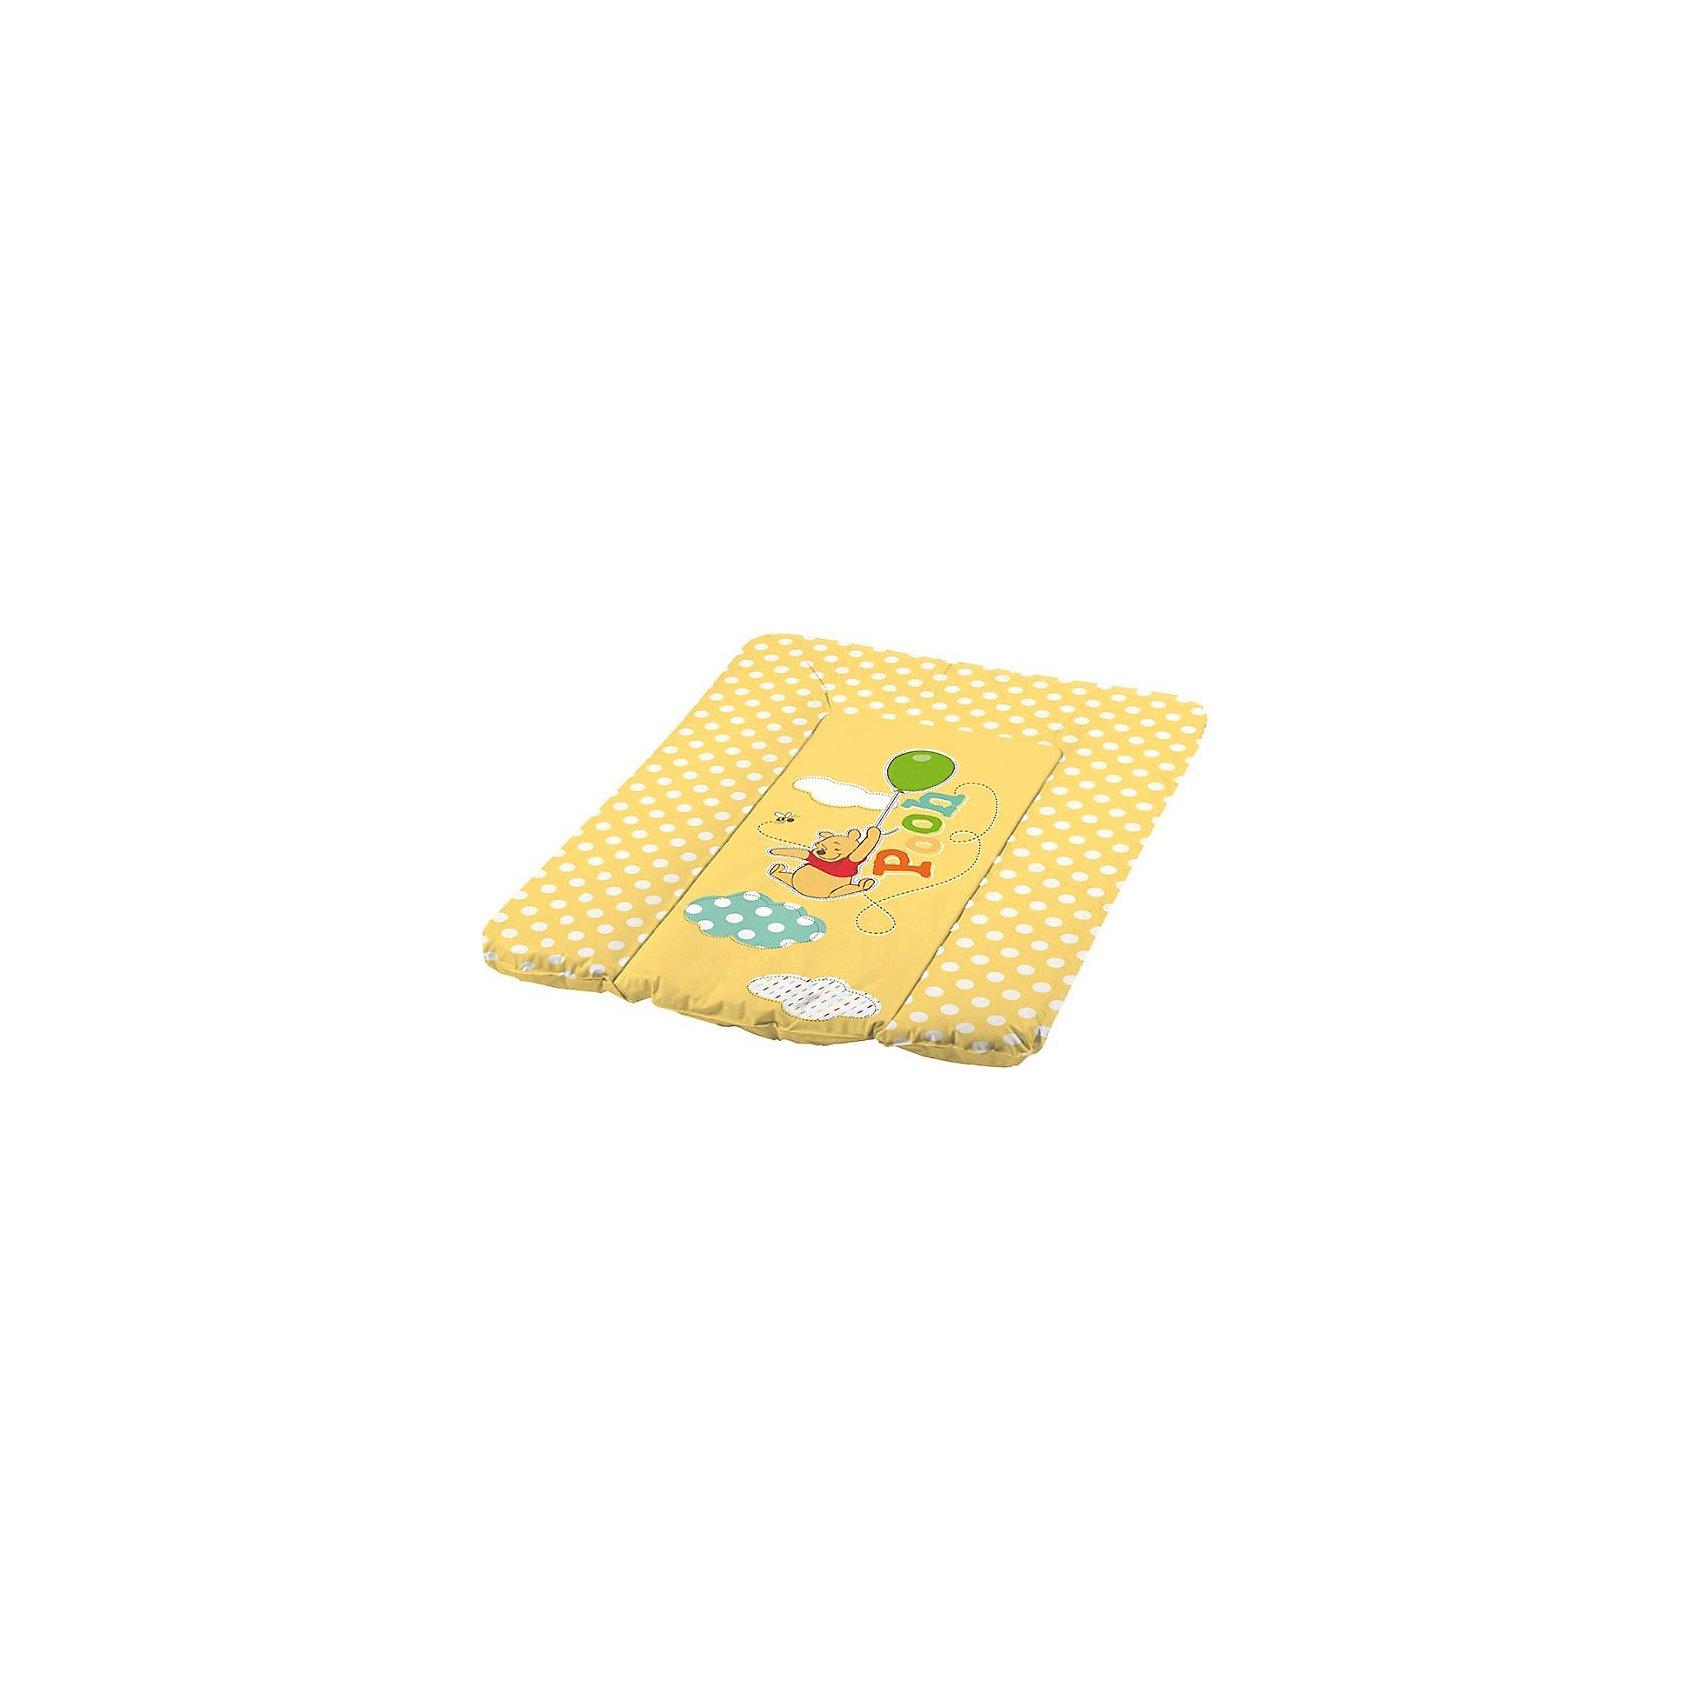 OKT kids Матрас для пеленания DISNEY Винни-Пух, OKT kids, жёлтый disney гирлянда детская на ленте тачки с днем рождения